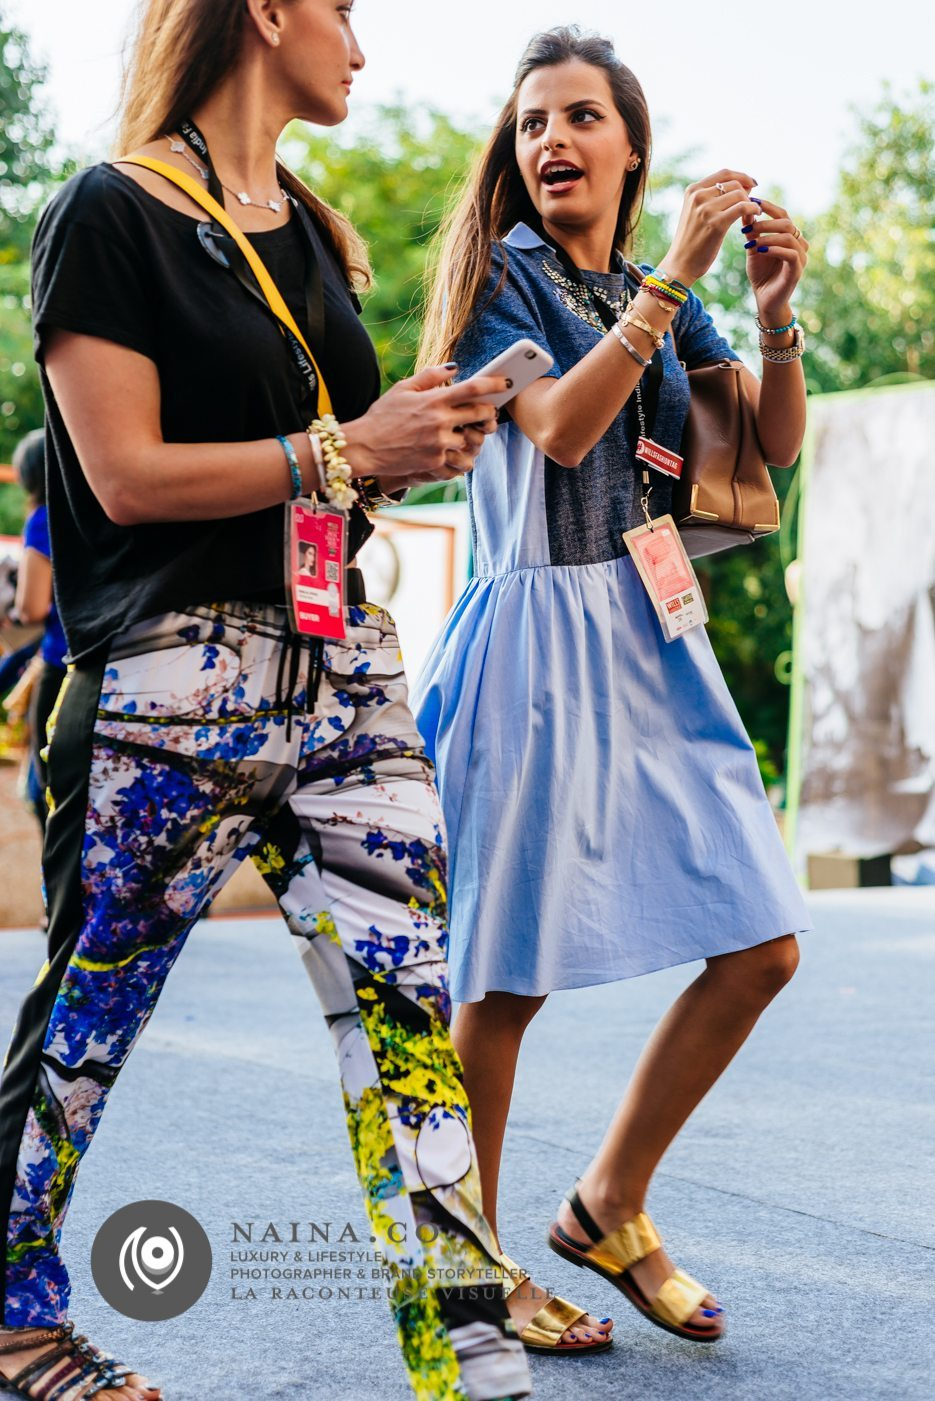 Naina.co-Photographer-Raconteuse-Storyteller-Luxury-Lifestyle-October-2014-Street-Style-WIFWSS15-FDCI-Day01-EyesForFashion-29